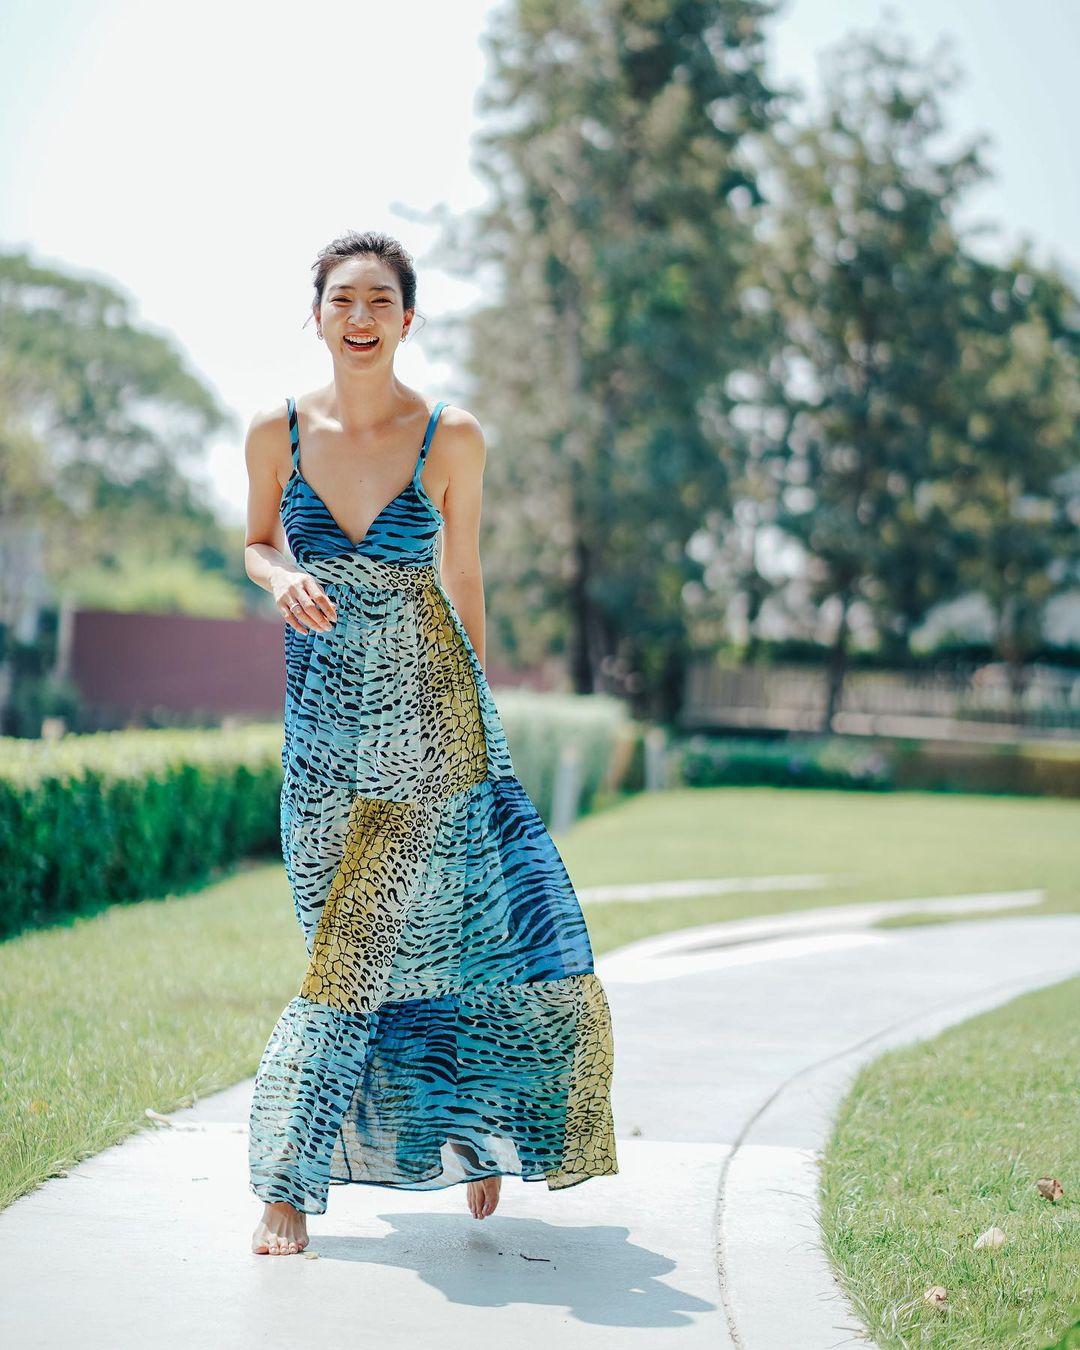 Sukollawat Kanarot tươi trẻ và tràn đầy sức sống khi chọn mẫu váy mang gam màu mát mắt.